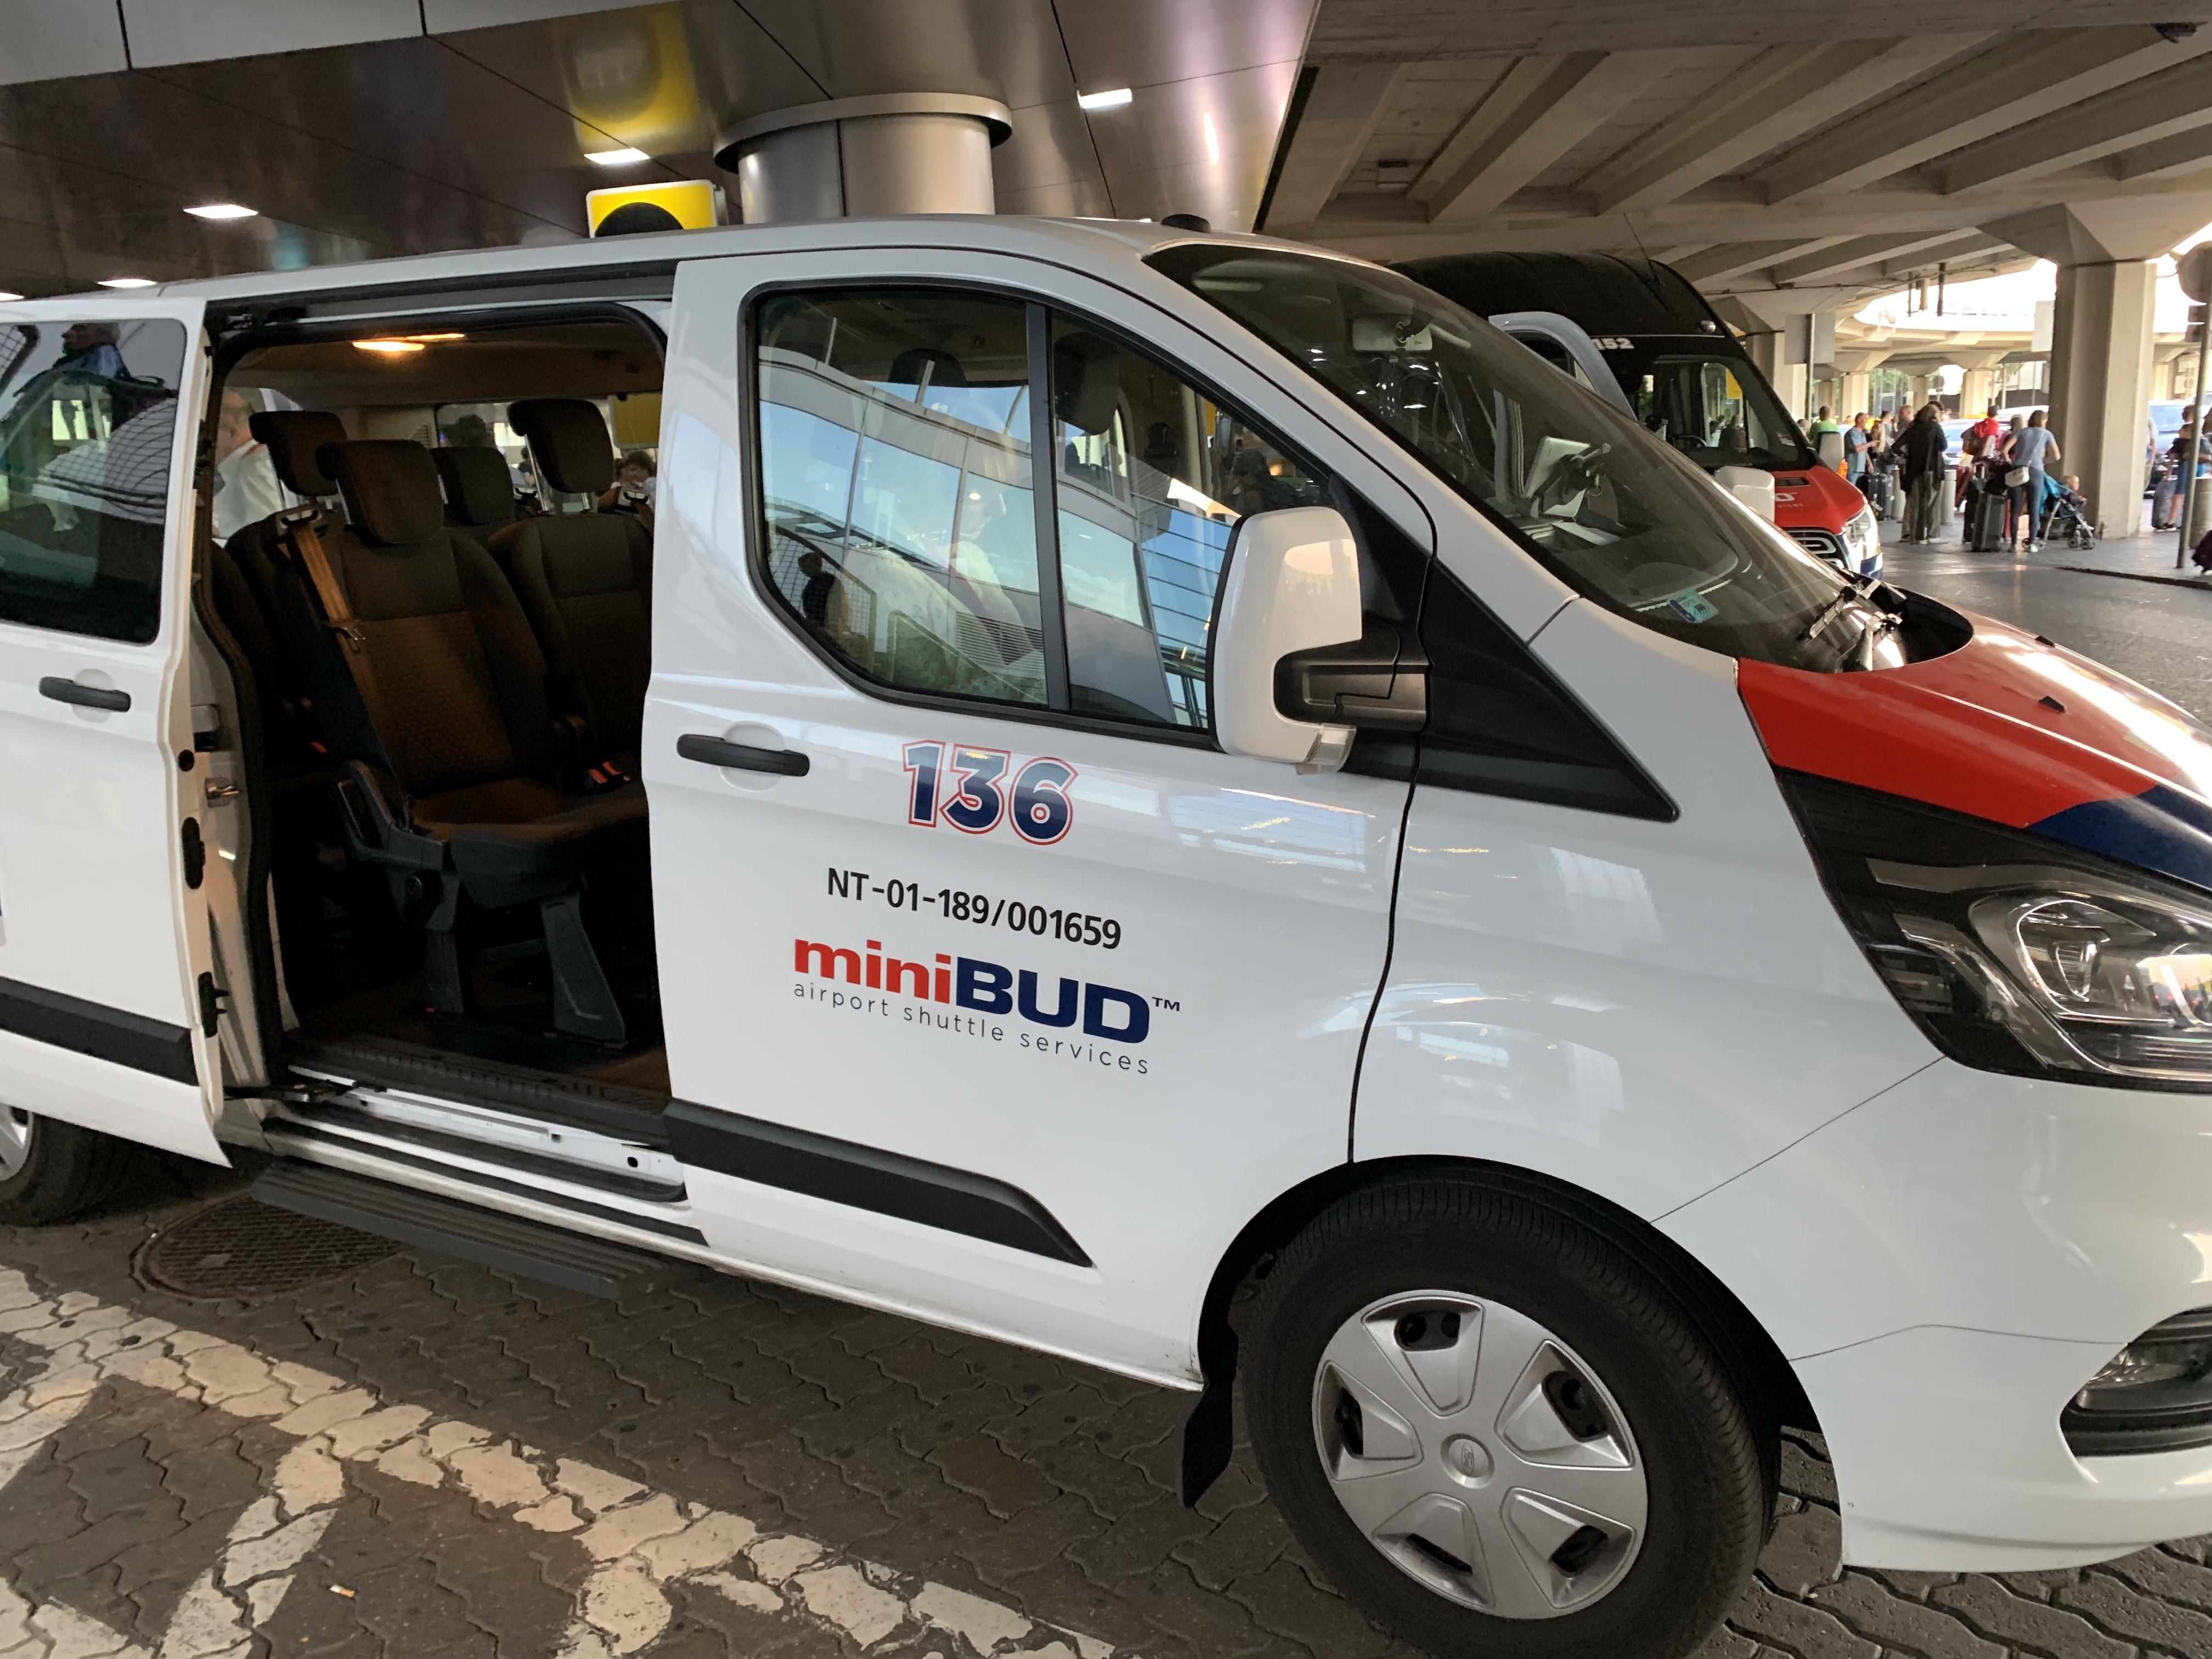 ブダペスト空港のミニバス